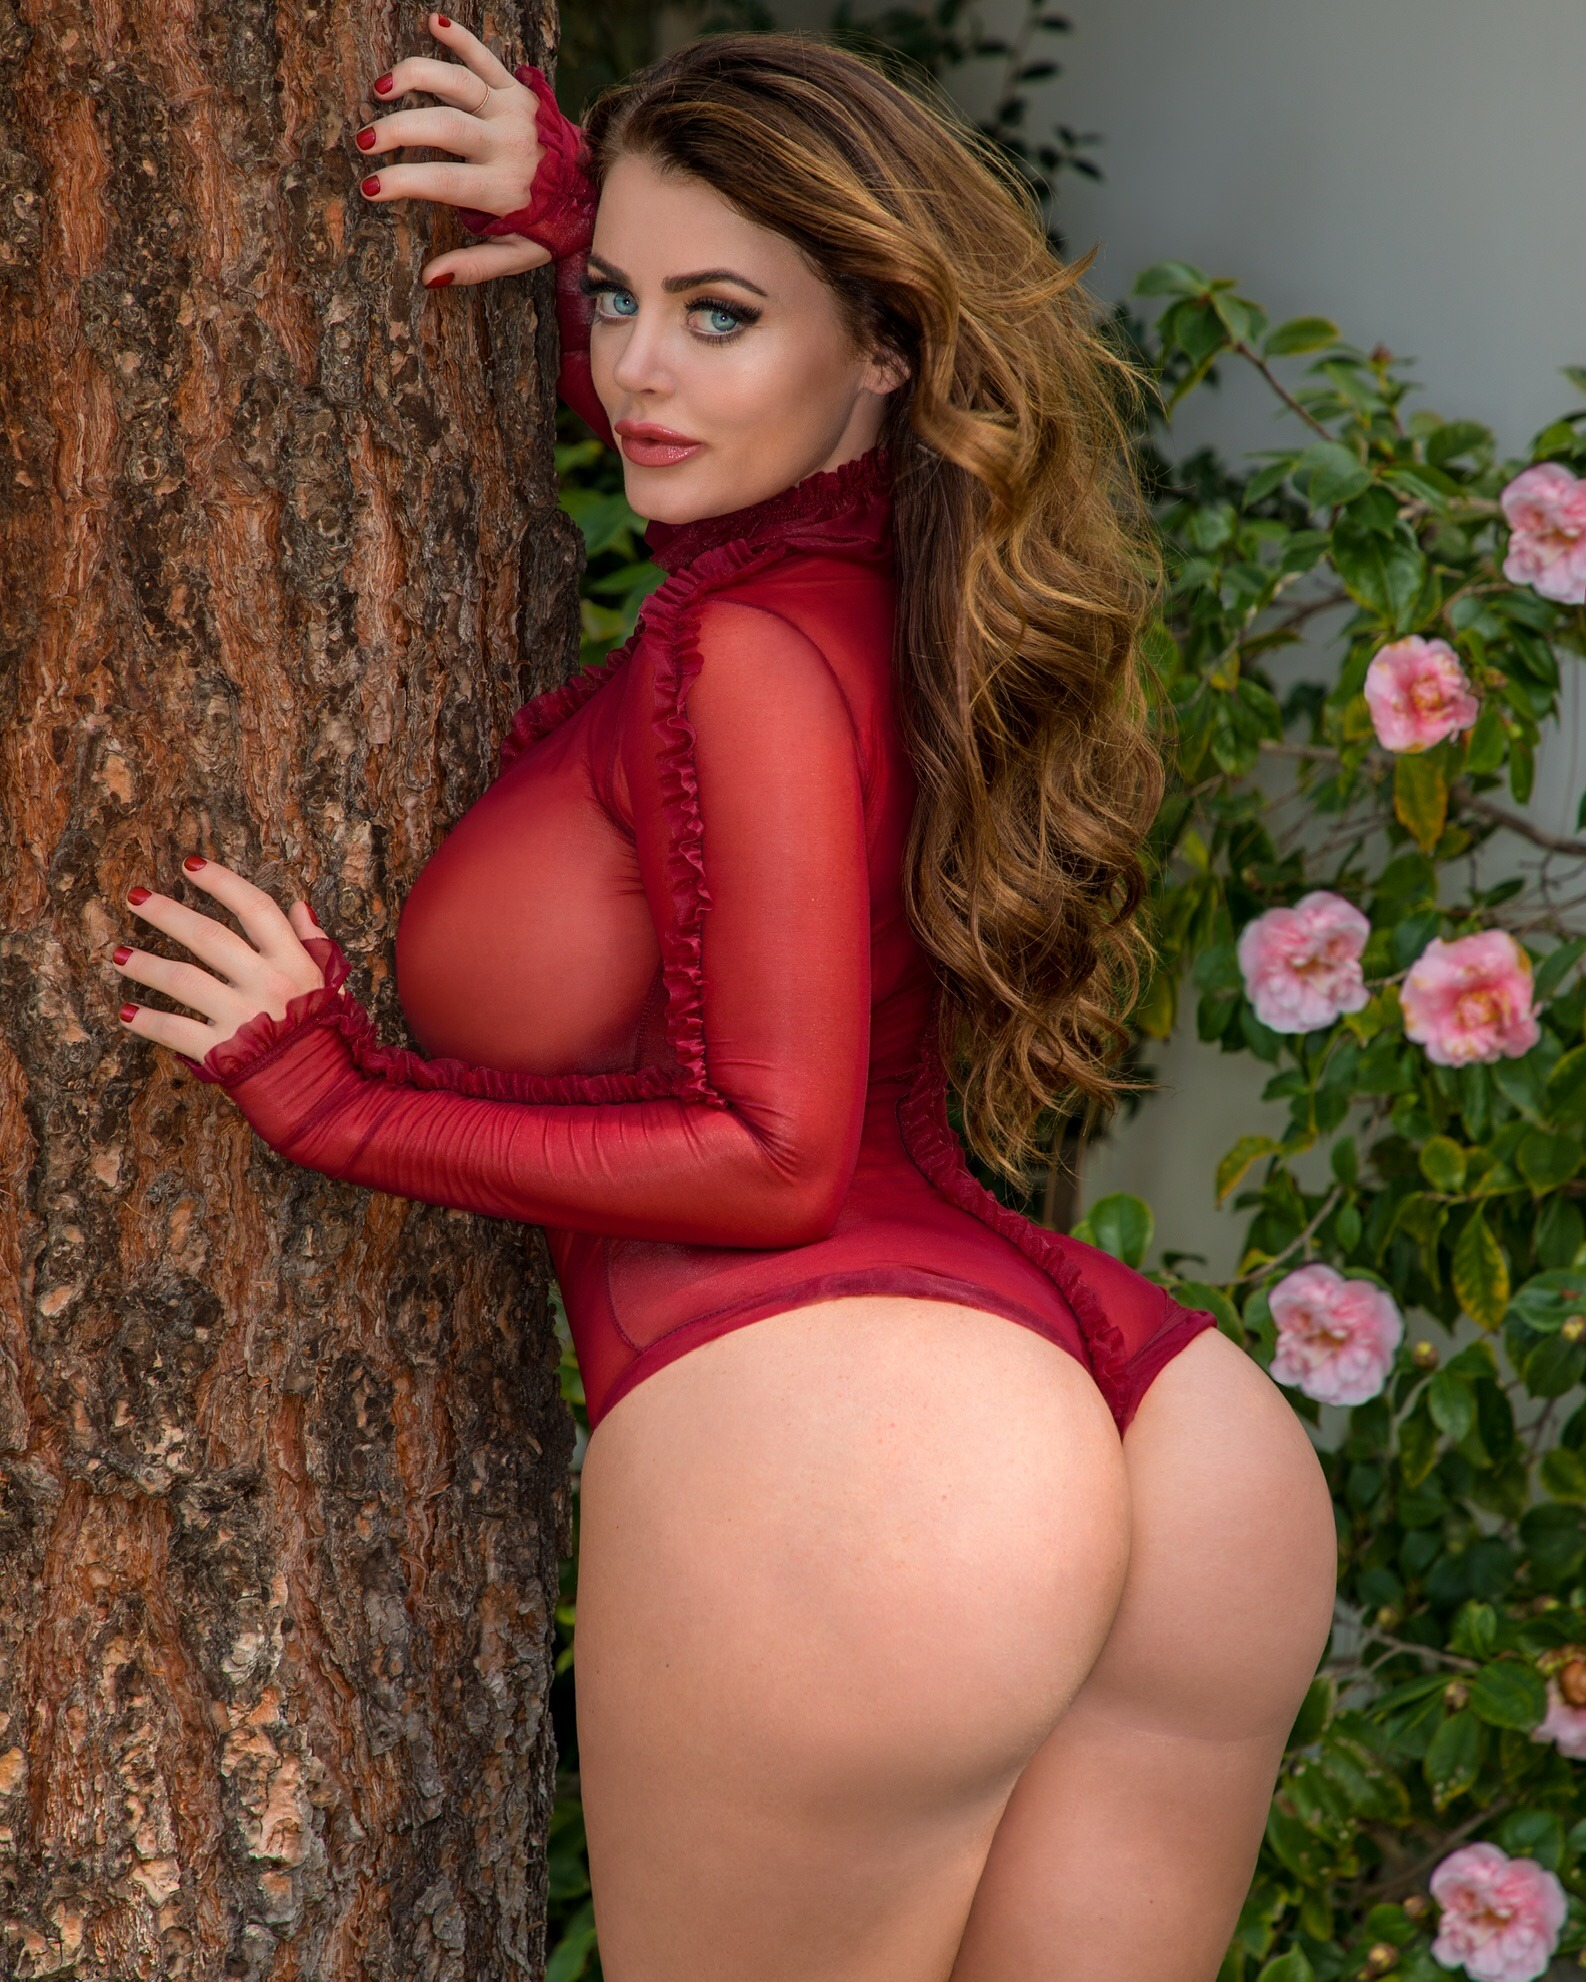 Sophie Dee Nudes